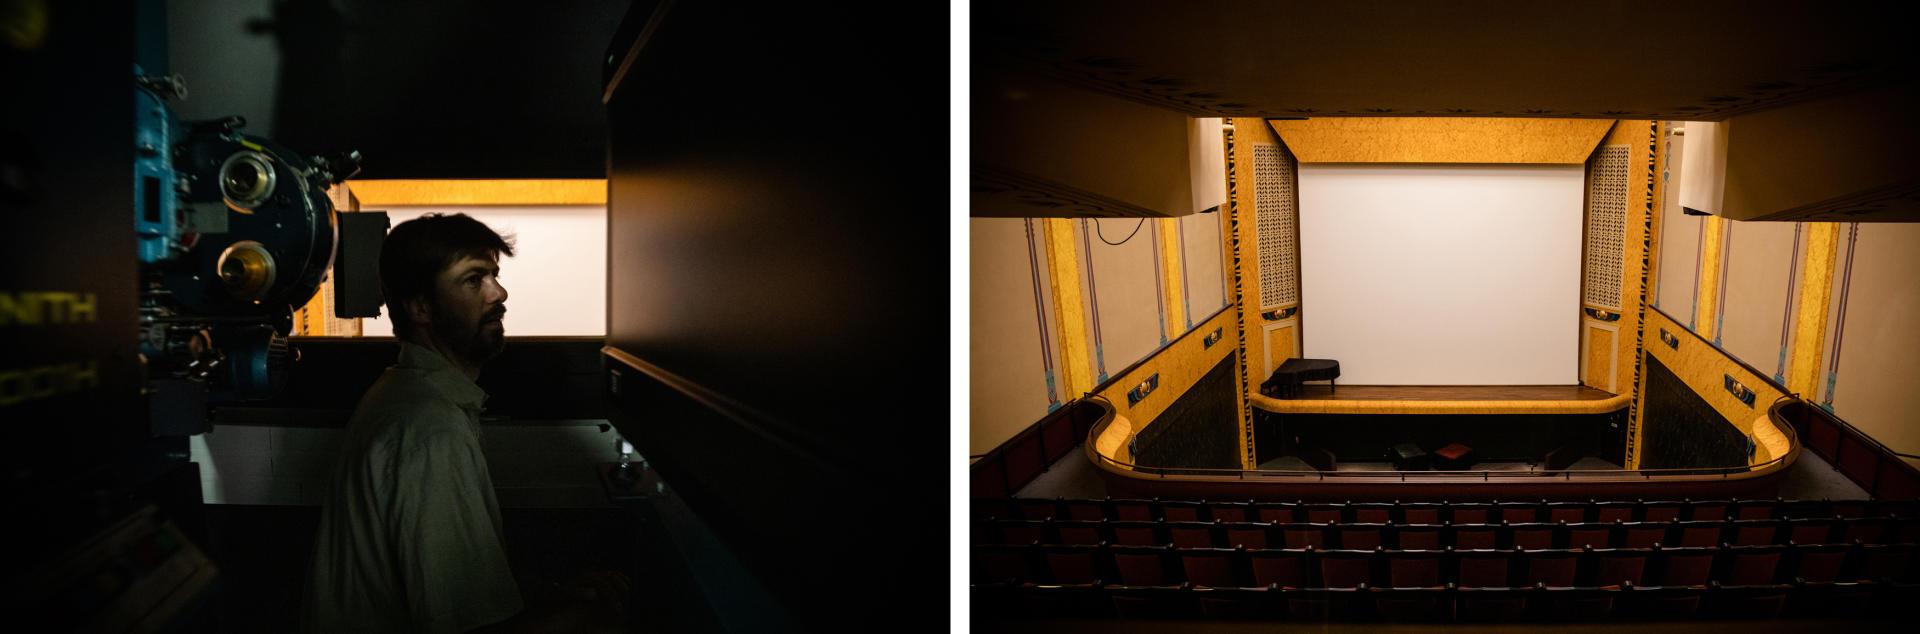 Cabine de projection du cinéma Le Louxor à Paris. Benjamin Louis, le directeur technique, finit les derniers préparatifs avant le lancement de la première projection. Les cinémas sont autorisés à rouvrir depuis ce 22 juin.